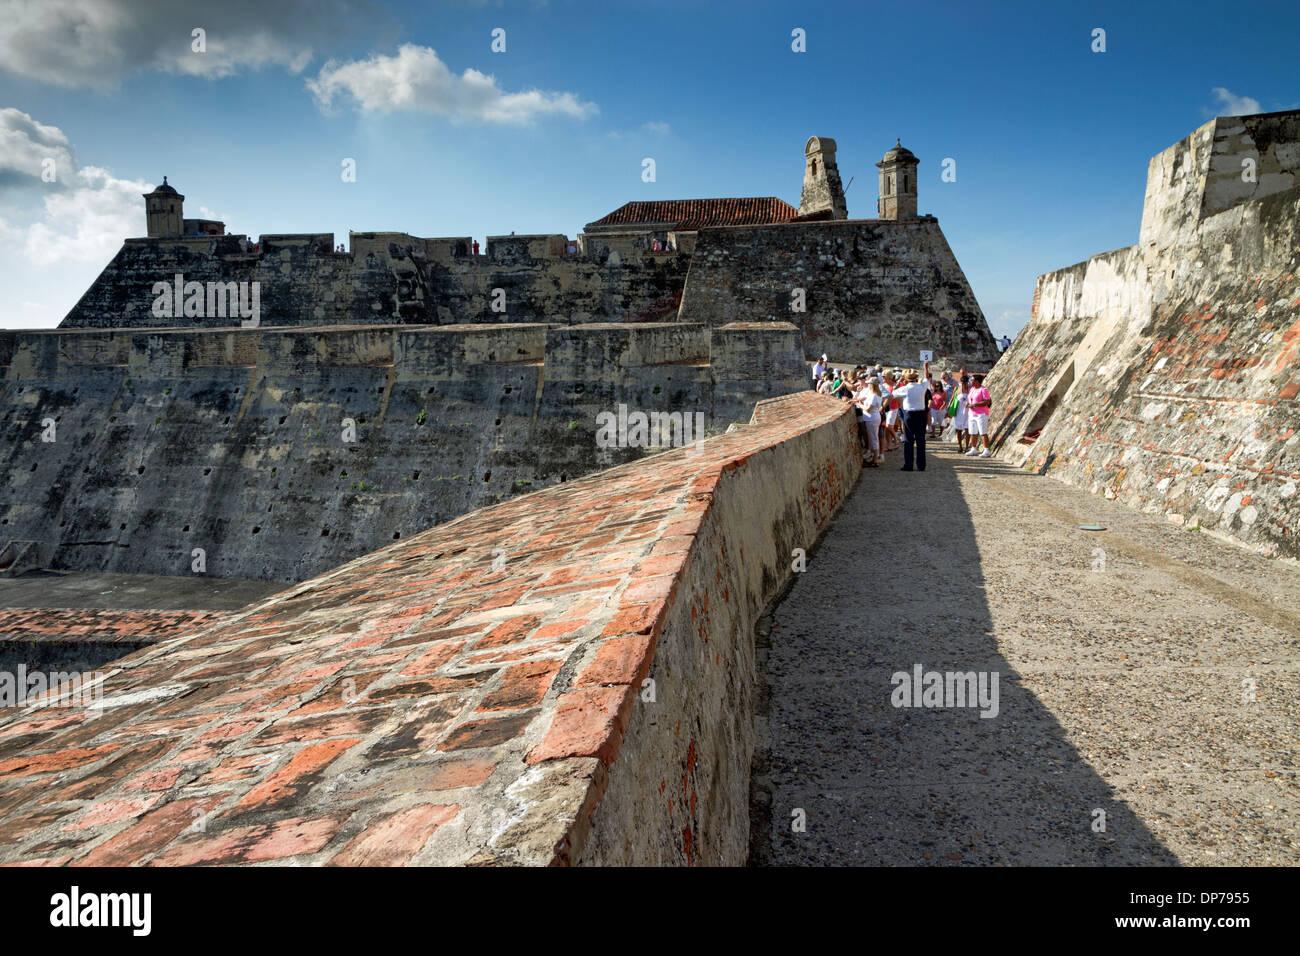 La fortaleza - Castillo de San Felipe de Barajas - en la colina de San Lázaro torres sobre la ciudad de Cartagena Imagen De Stock